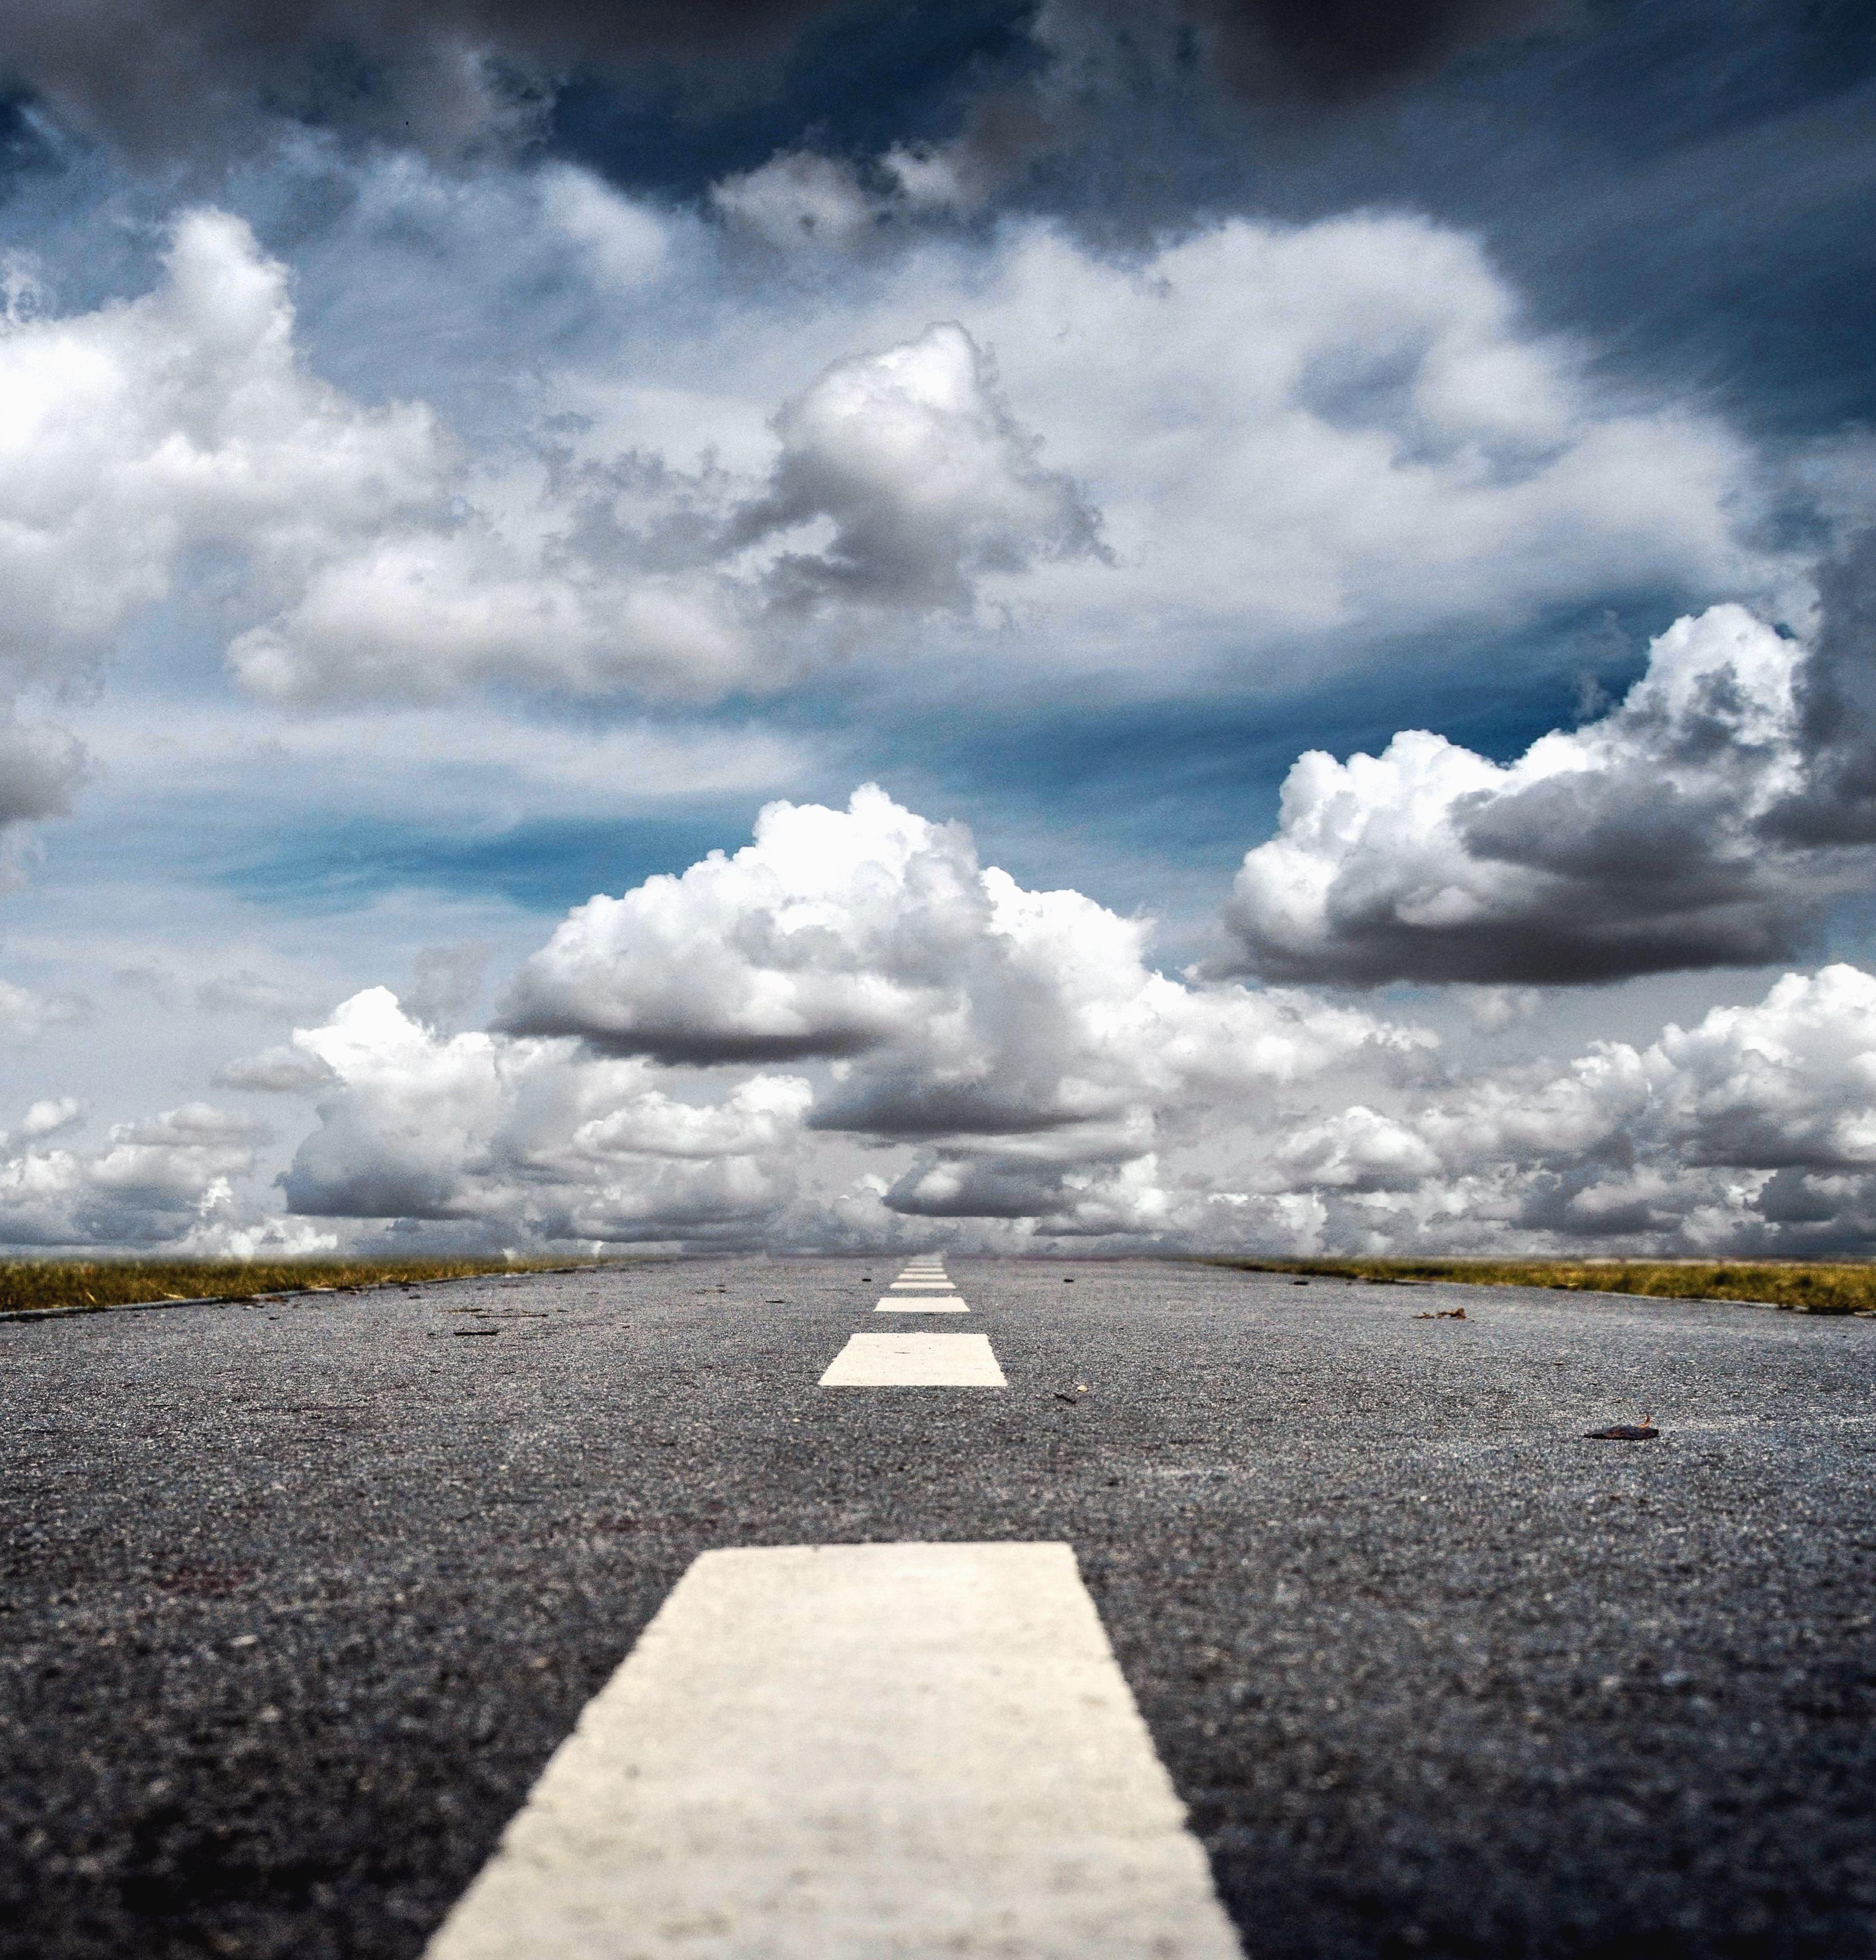 Image libre: Route, asphalte, nuage, ciel, paysage